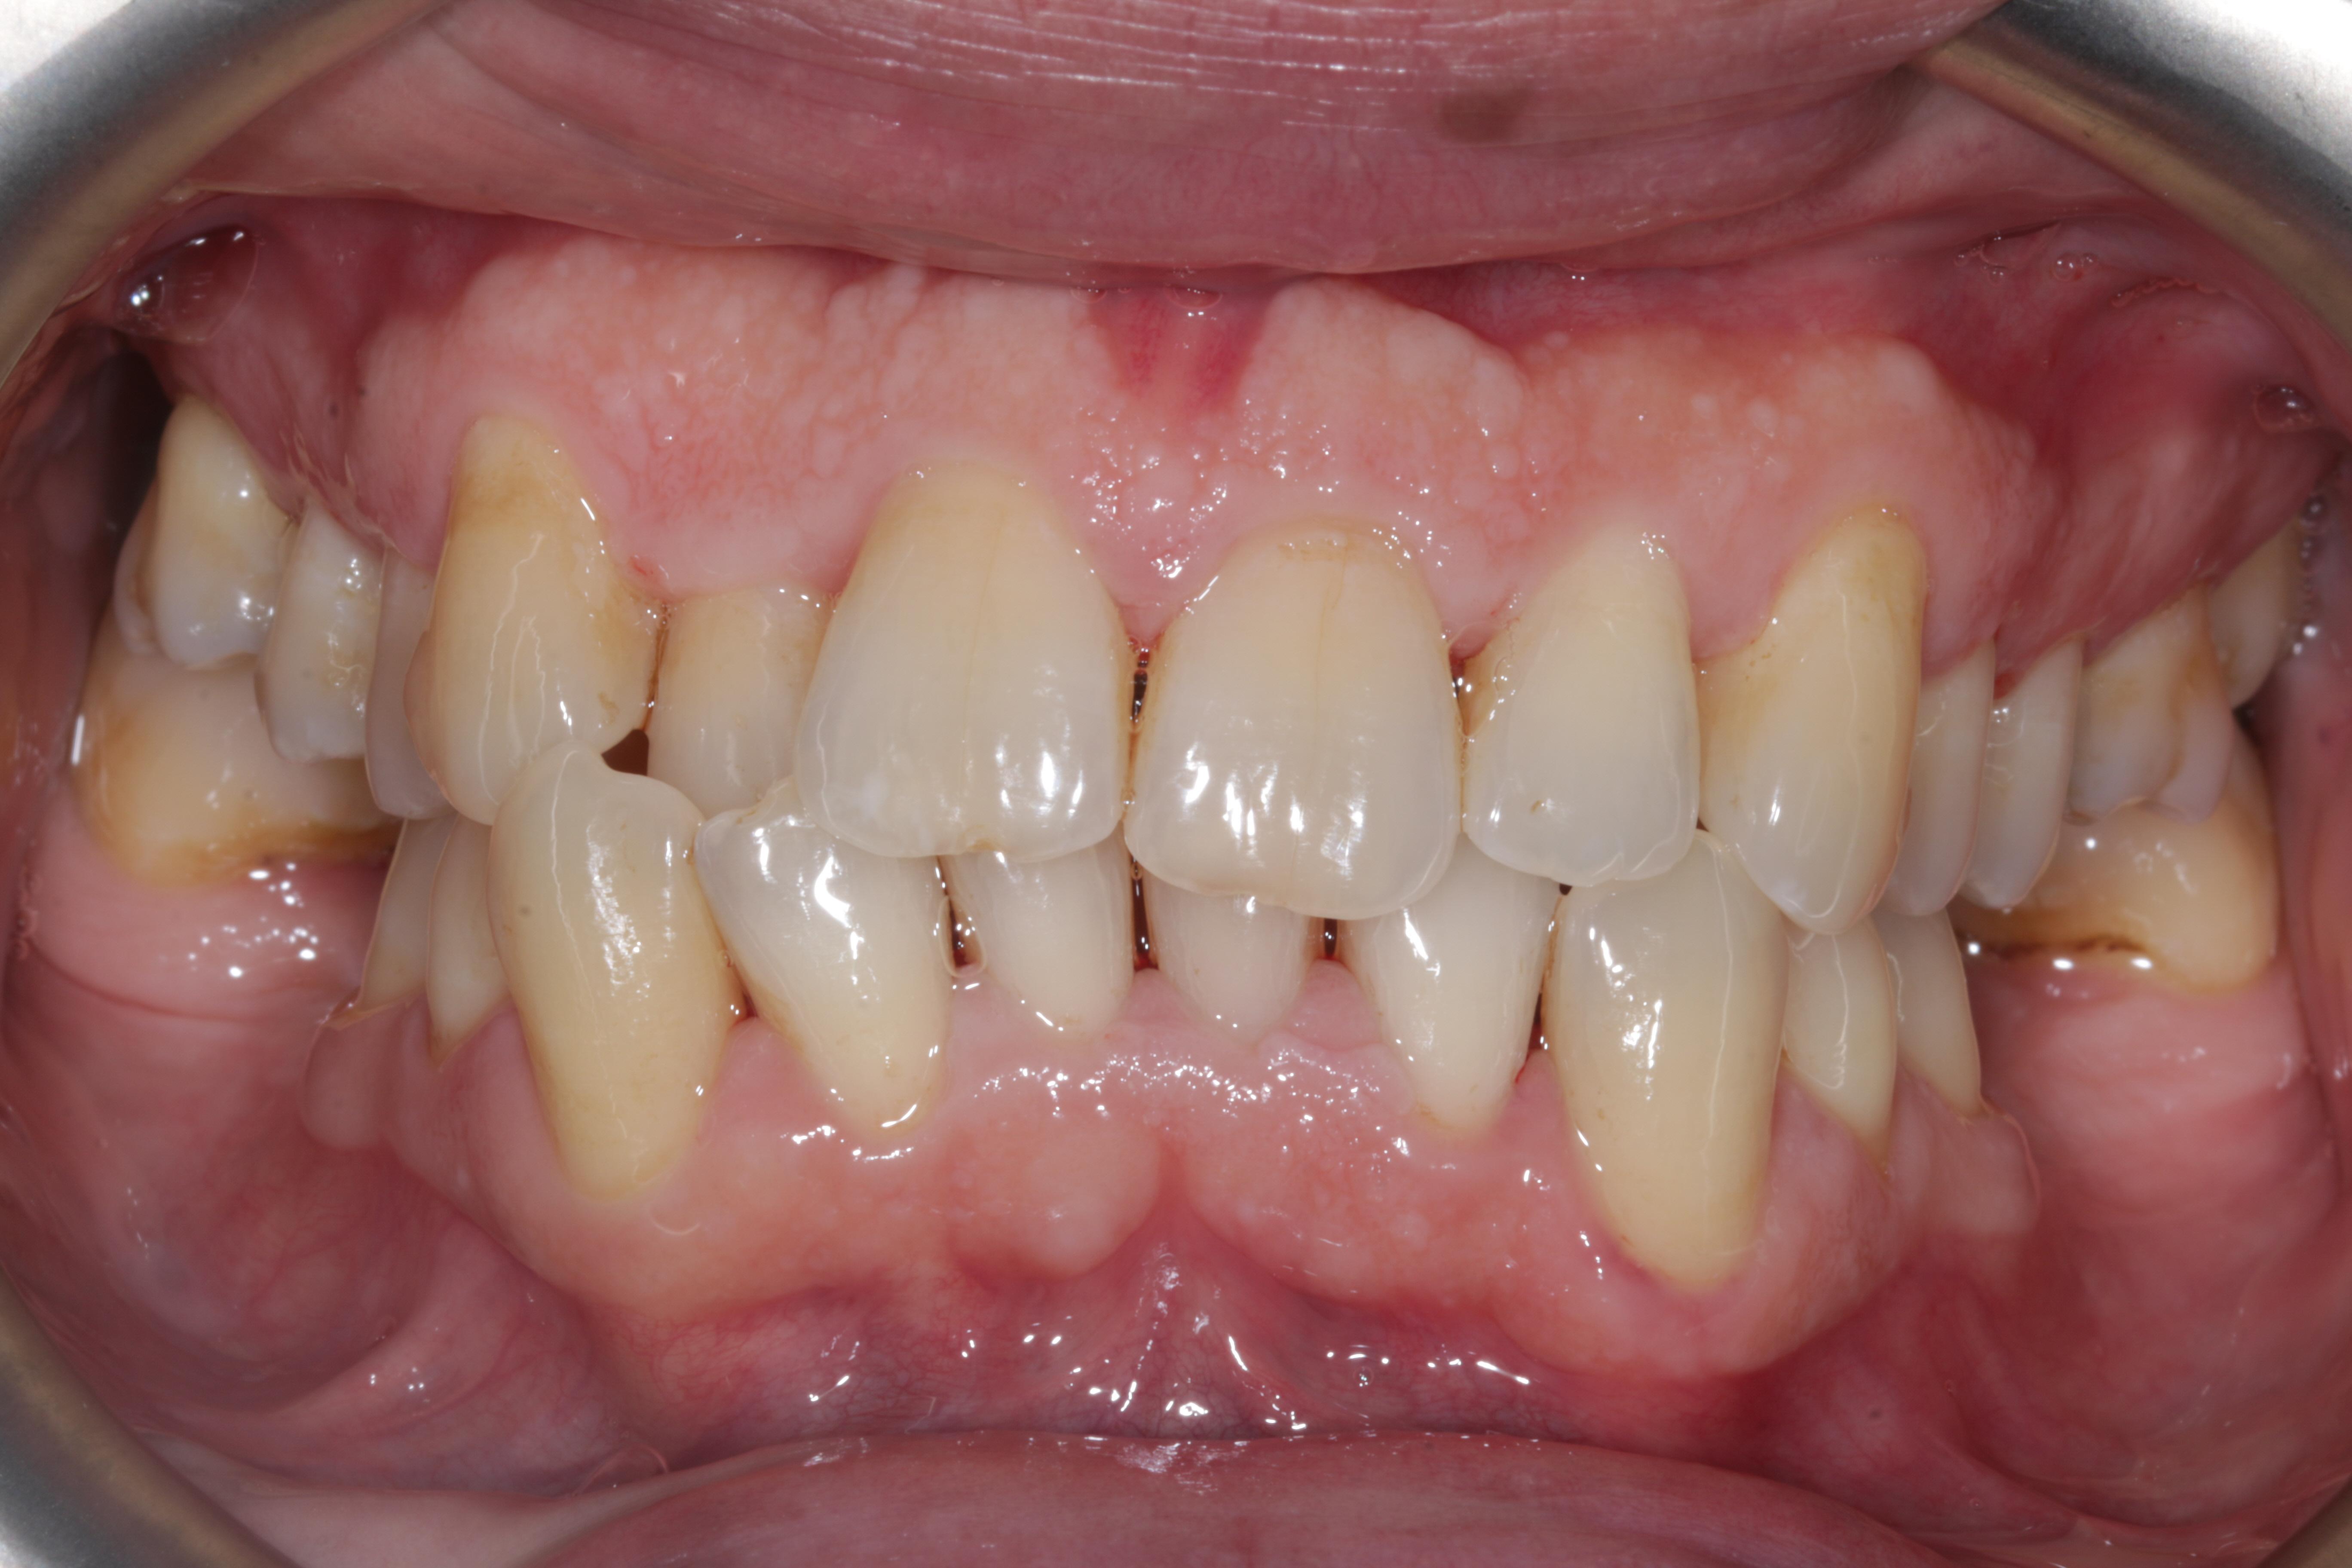 Dental_hygiene_london_after